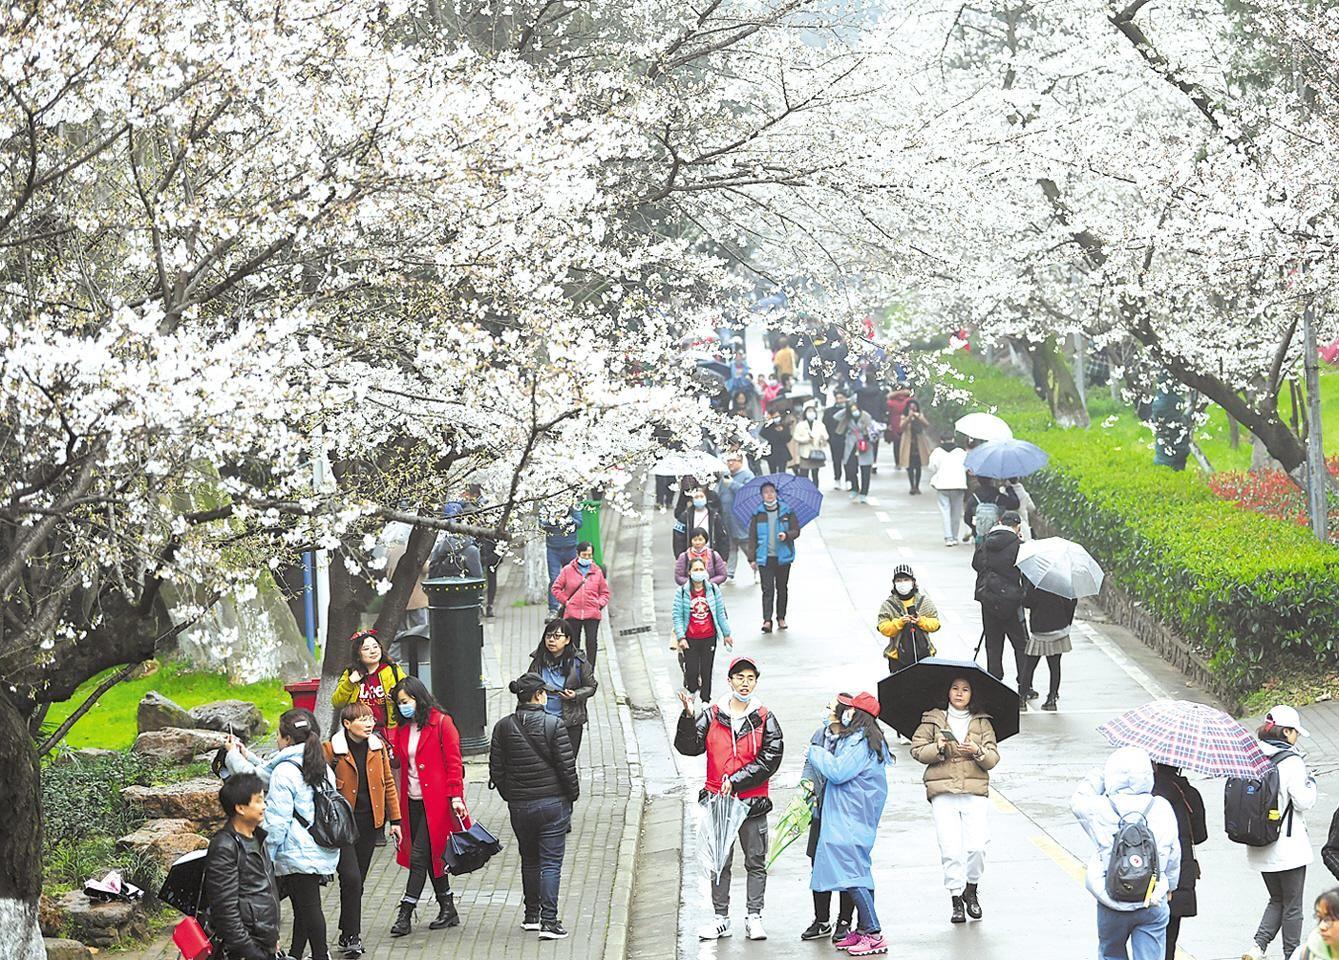 武大樱花对公众开放首日 抗疫医护人员与游客共赏雨樱之美